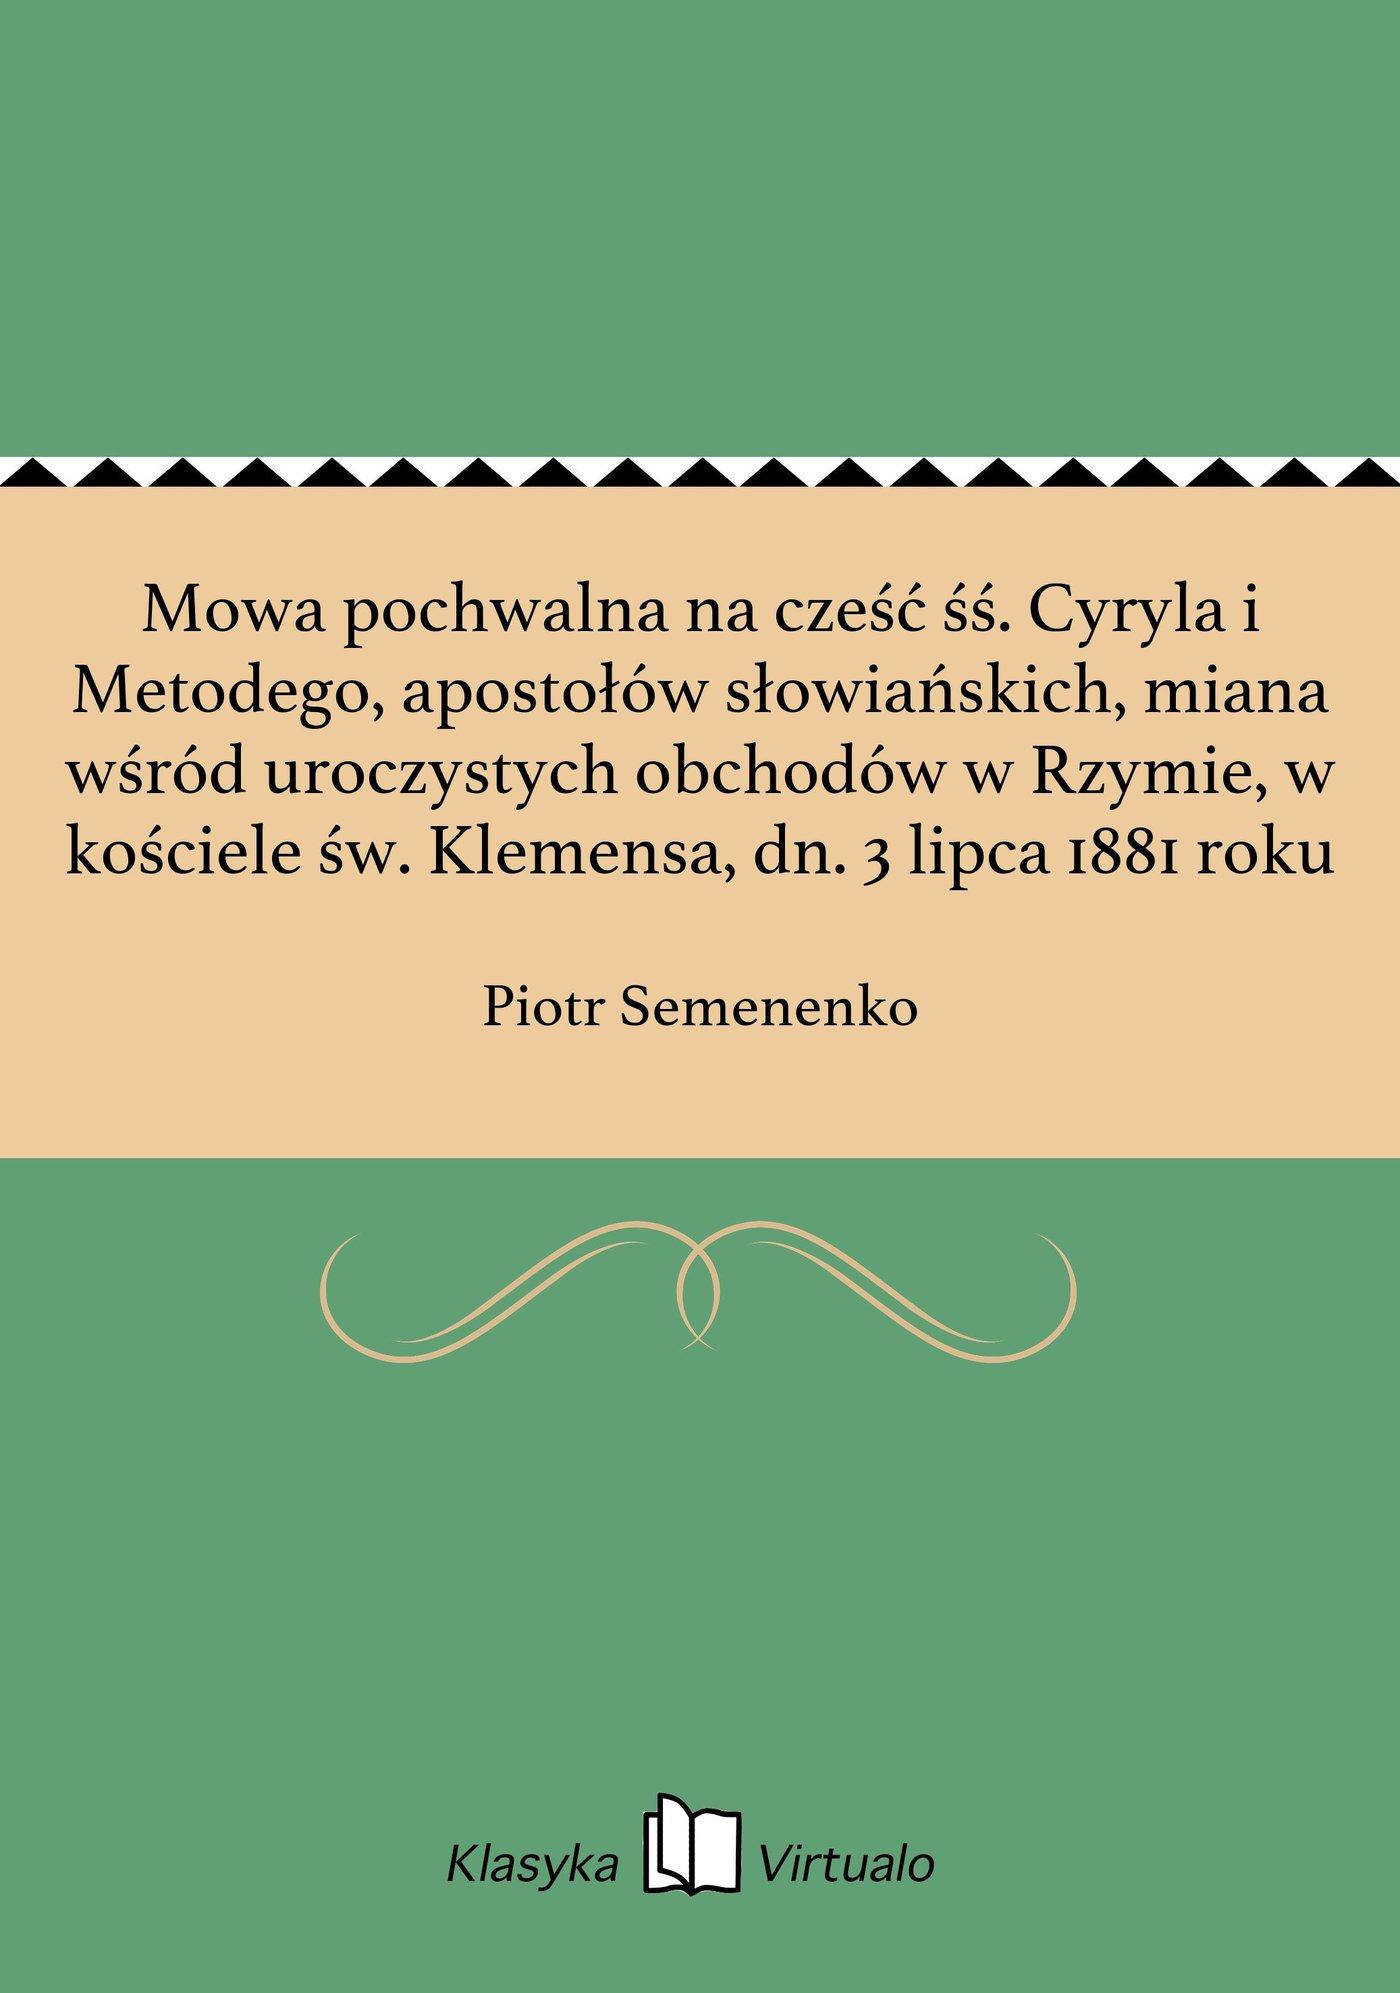 Mowa pochwalna na cześć śś. Cyryla i Metodego, apostołów słowiańskich, miana wśród uroczystych obchodów w Rzymie, w kościele św. Klemensa, dn. 3 lipca 1881 roku - Ebook (Książka na Kindle) do pobrania w formacie MOBI